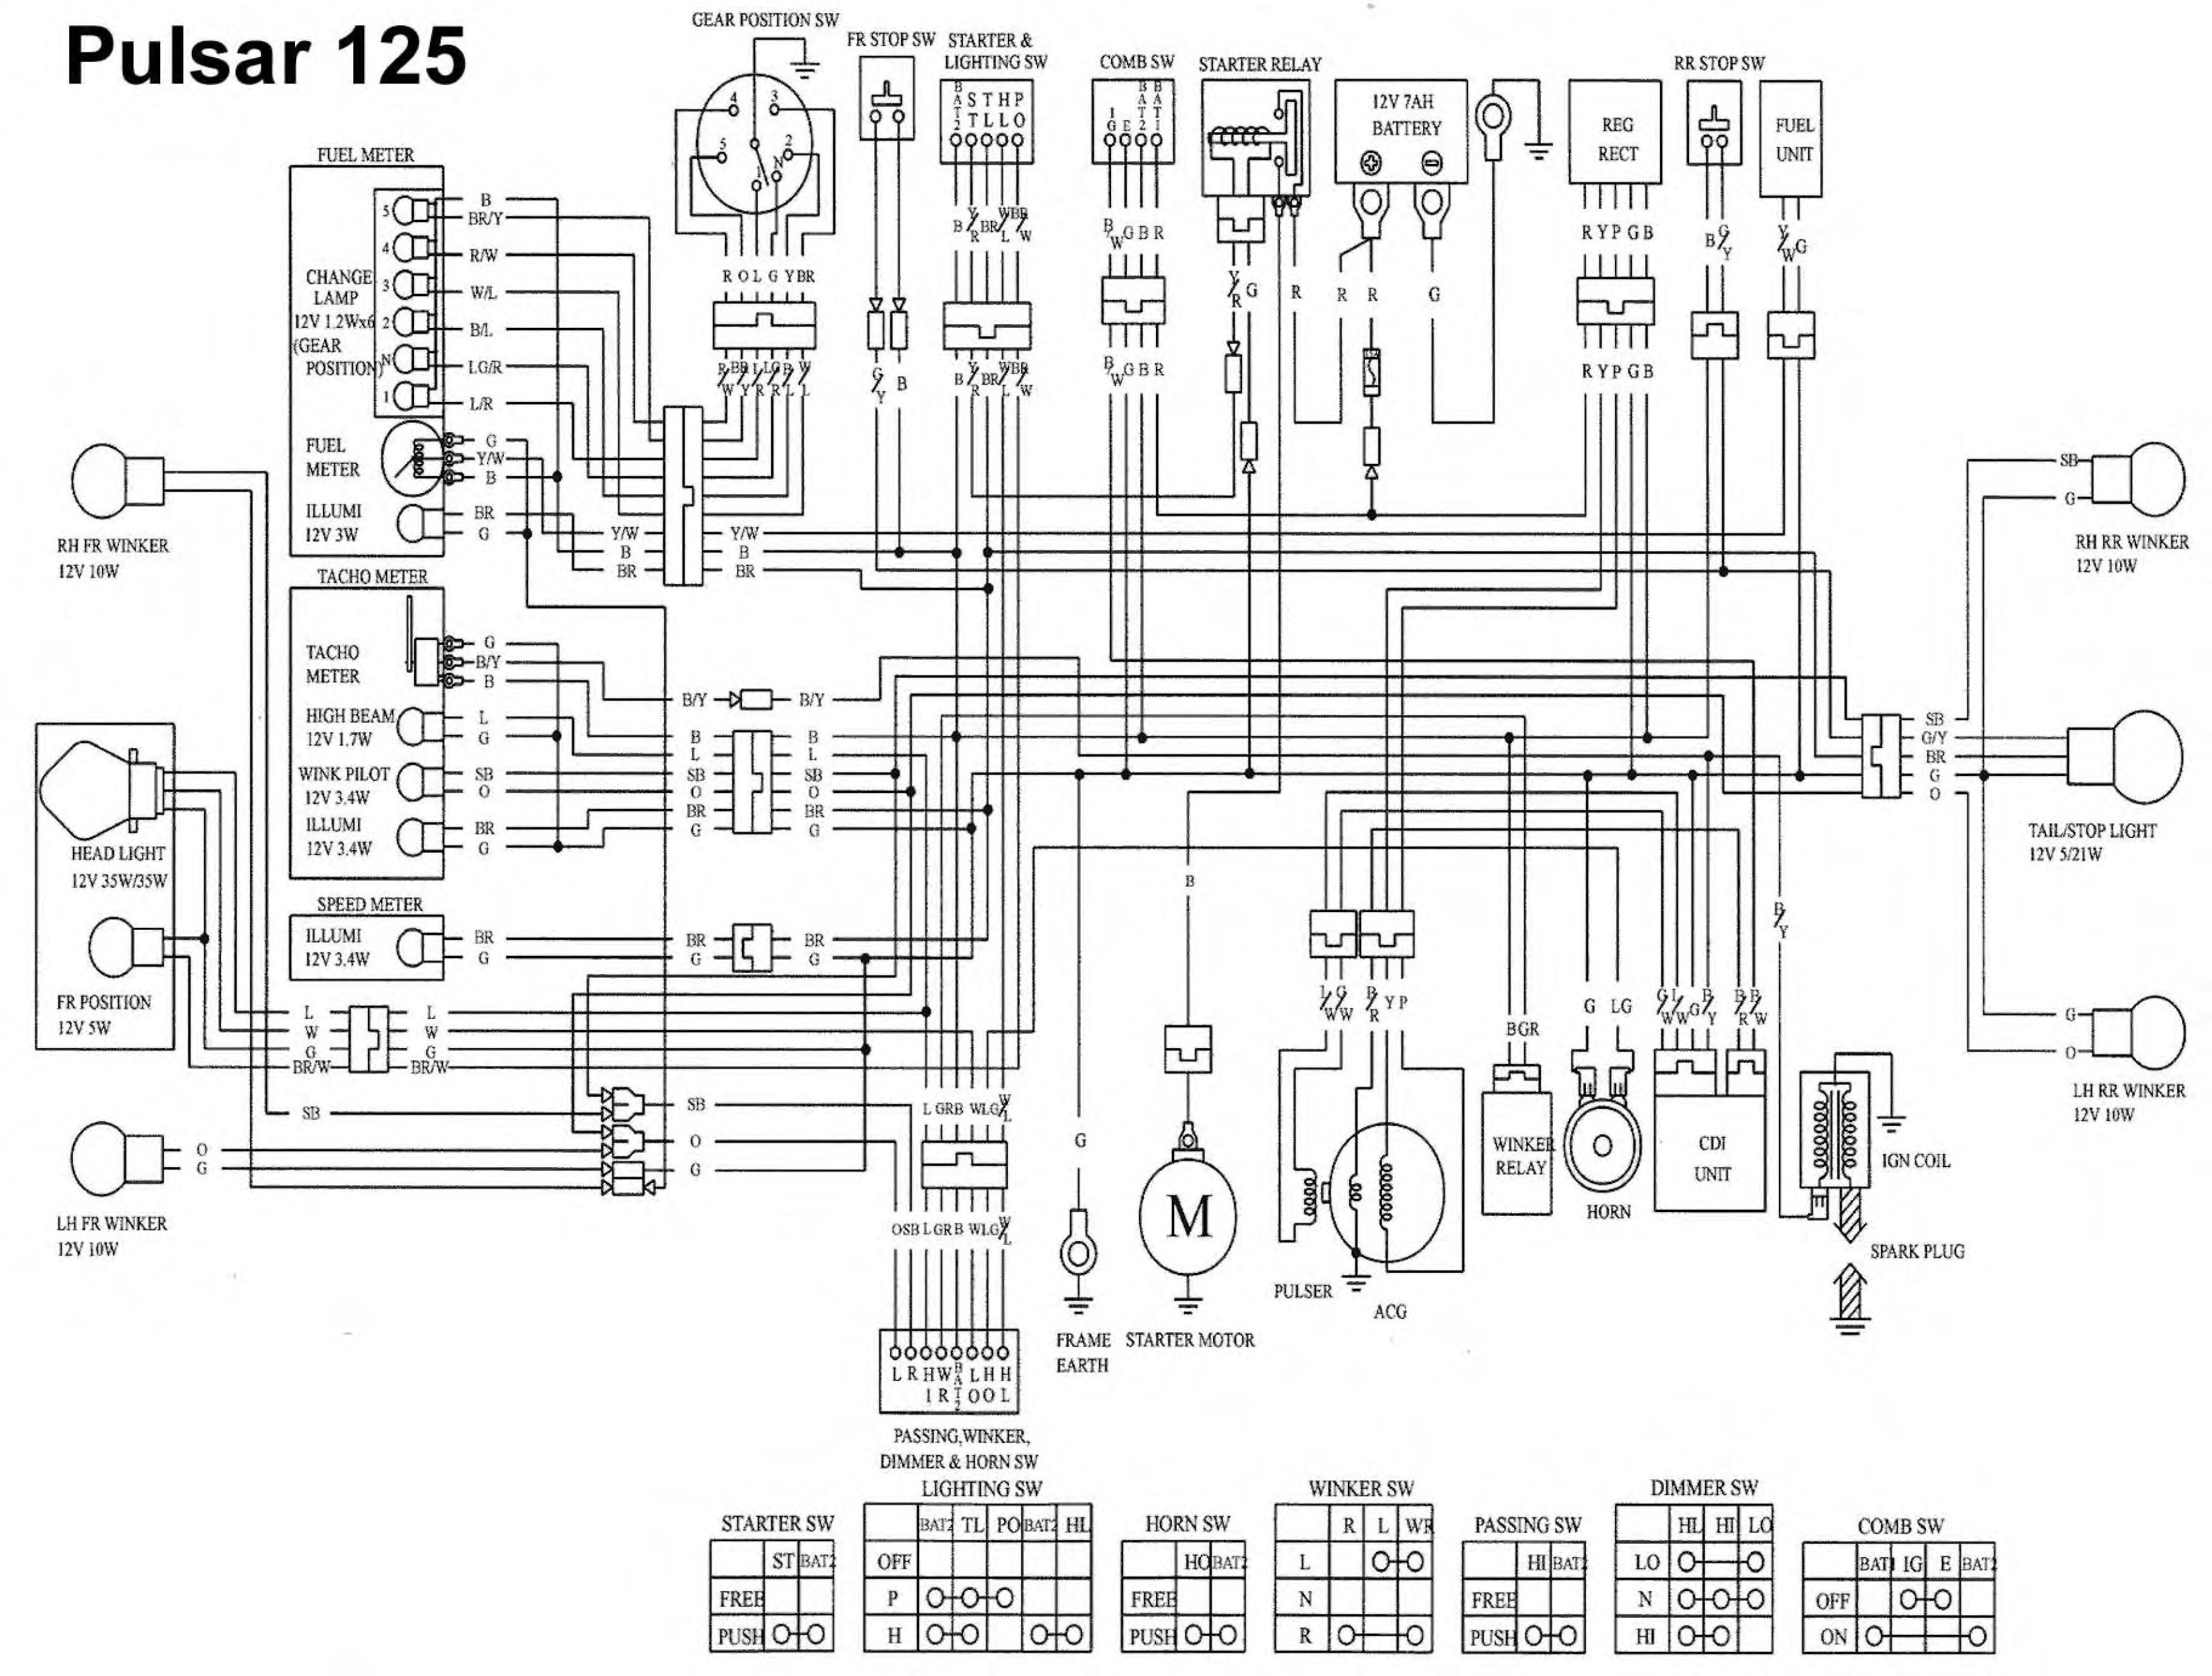 Схема электрооборудования мотоциклов Kymco Pulsar 125